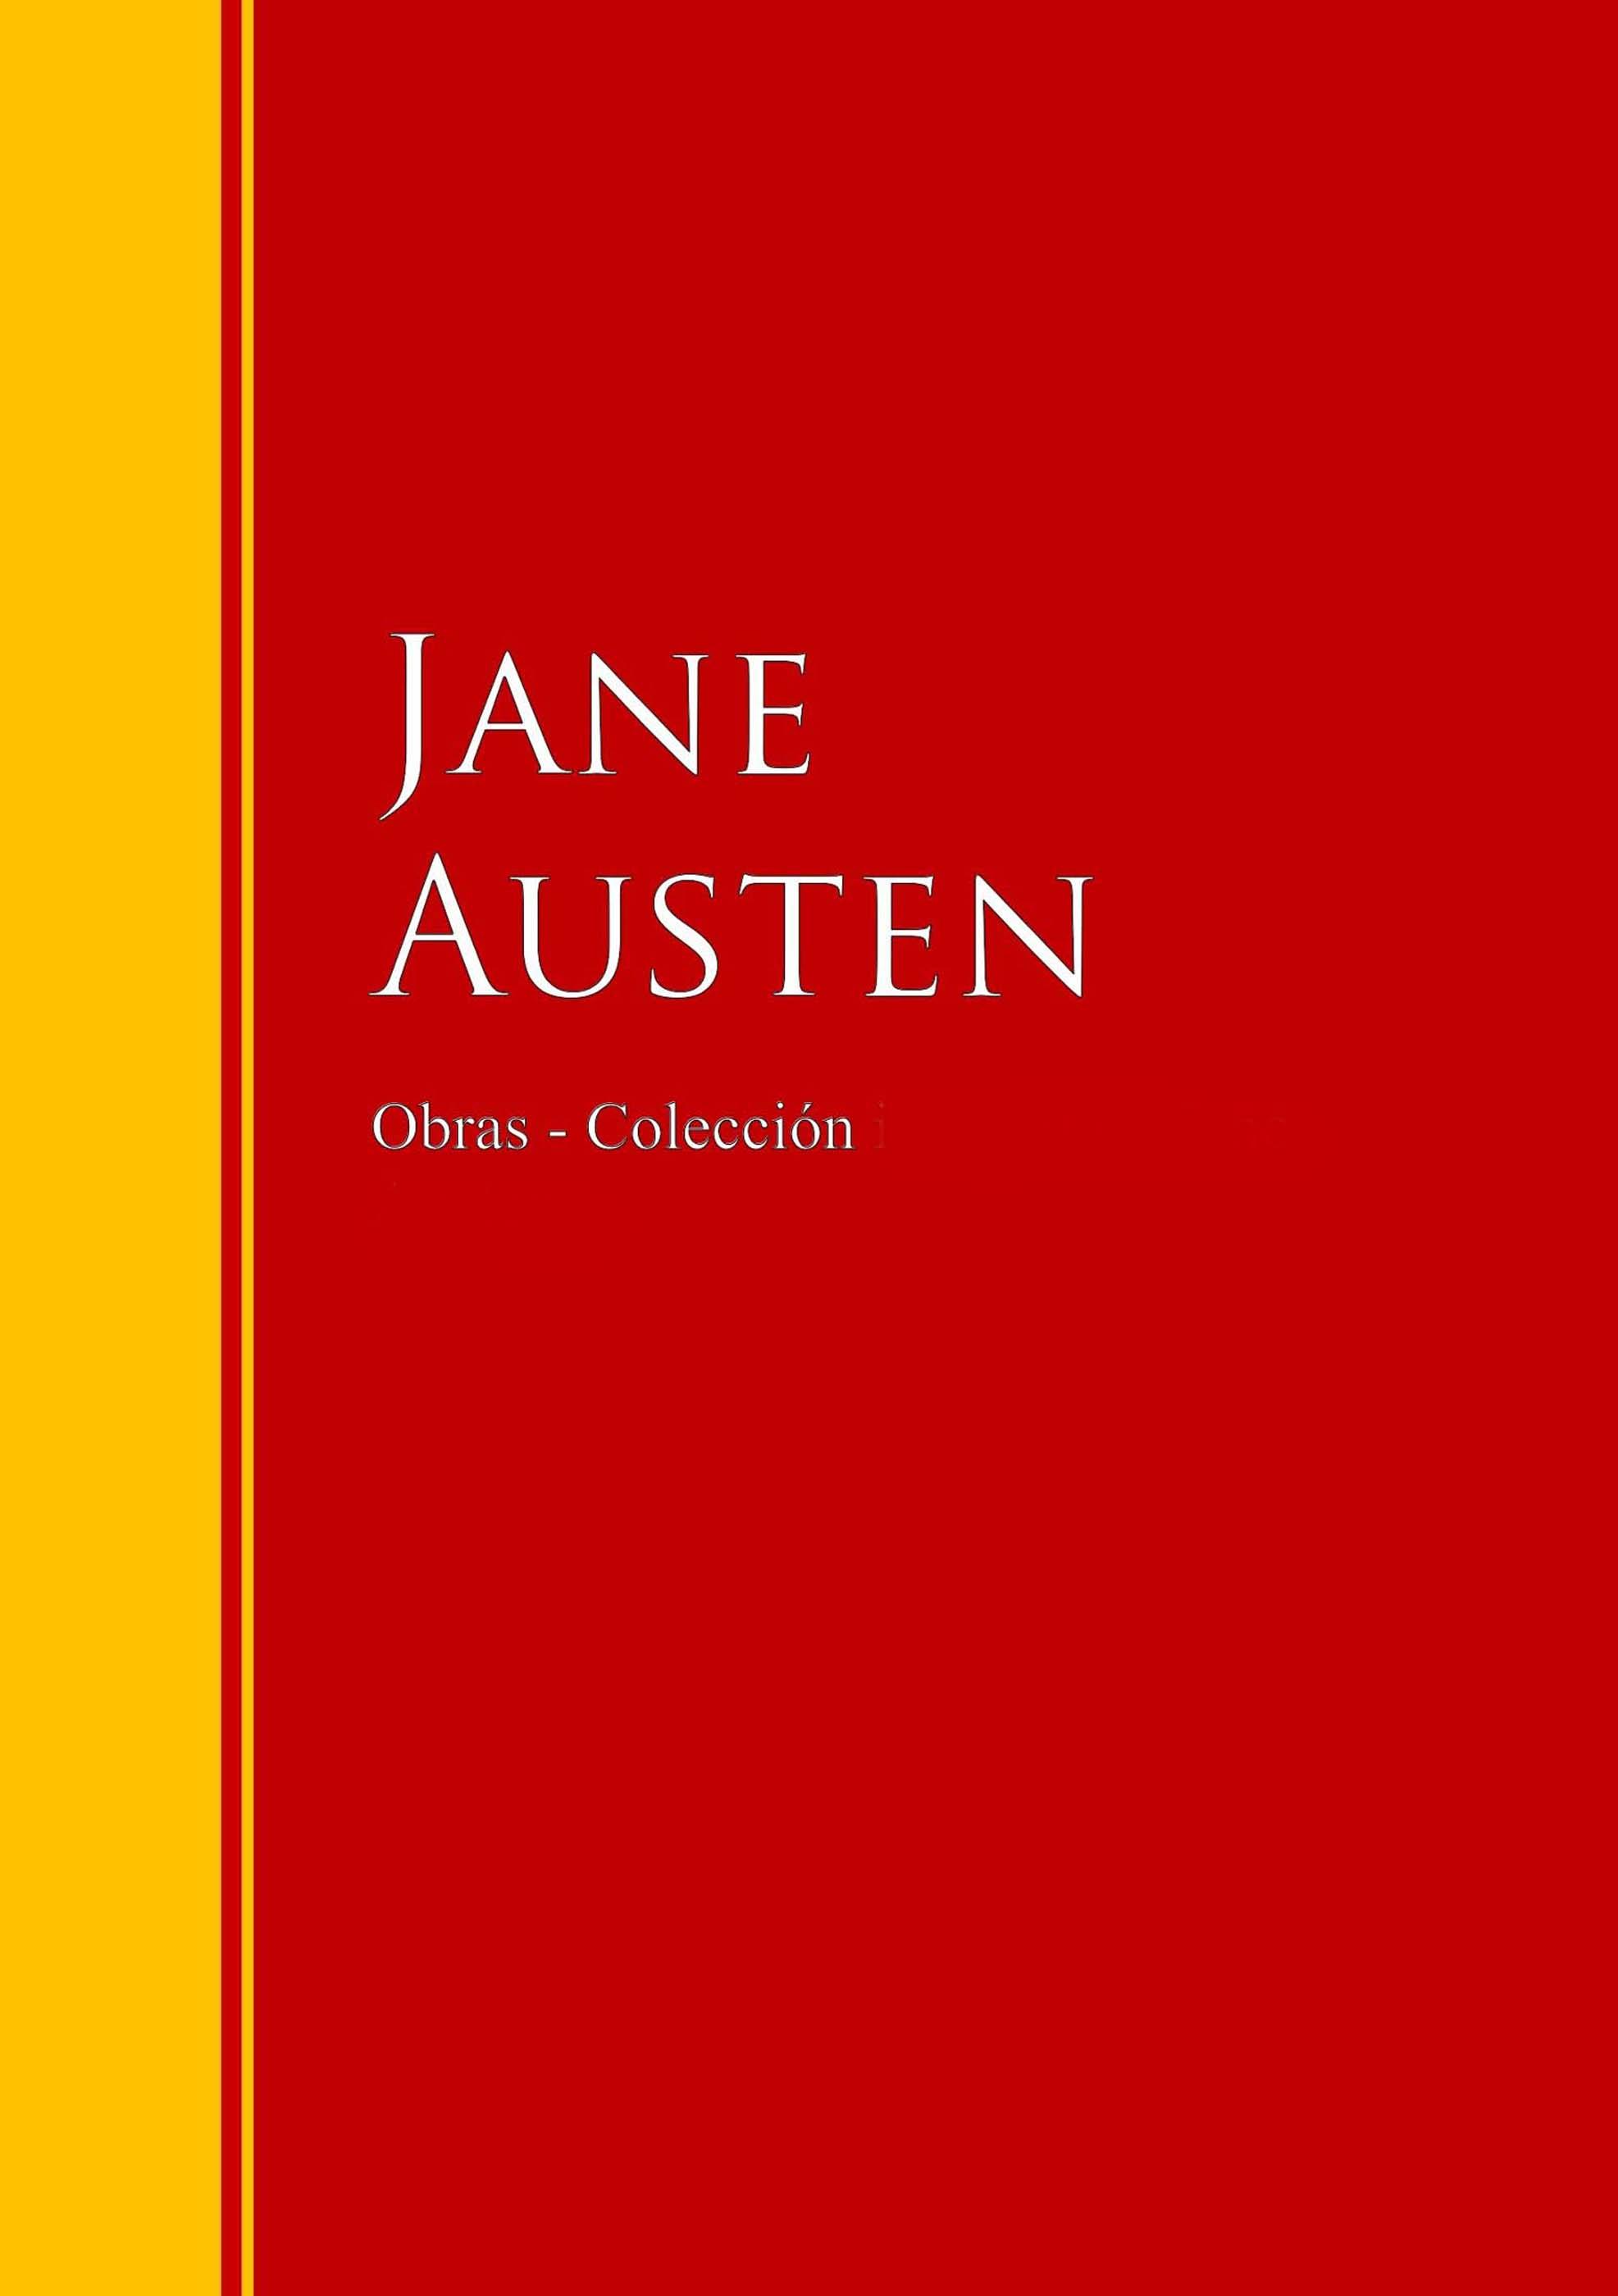 obras coleccion de jane austen